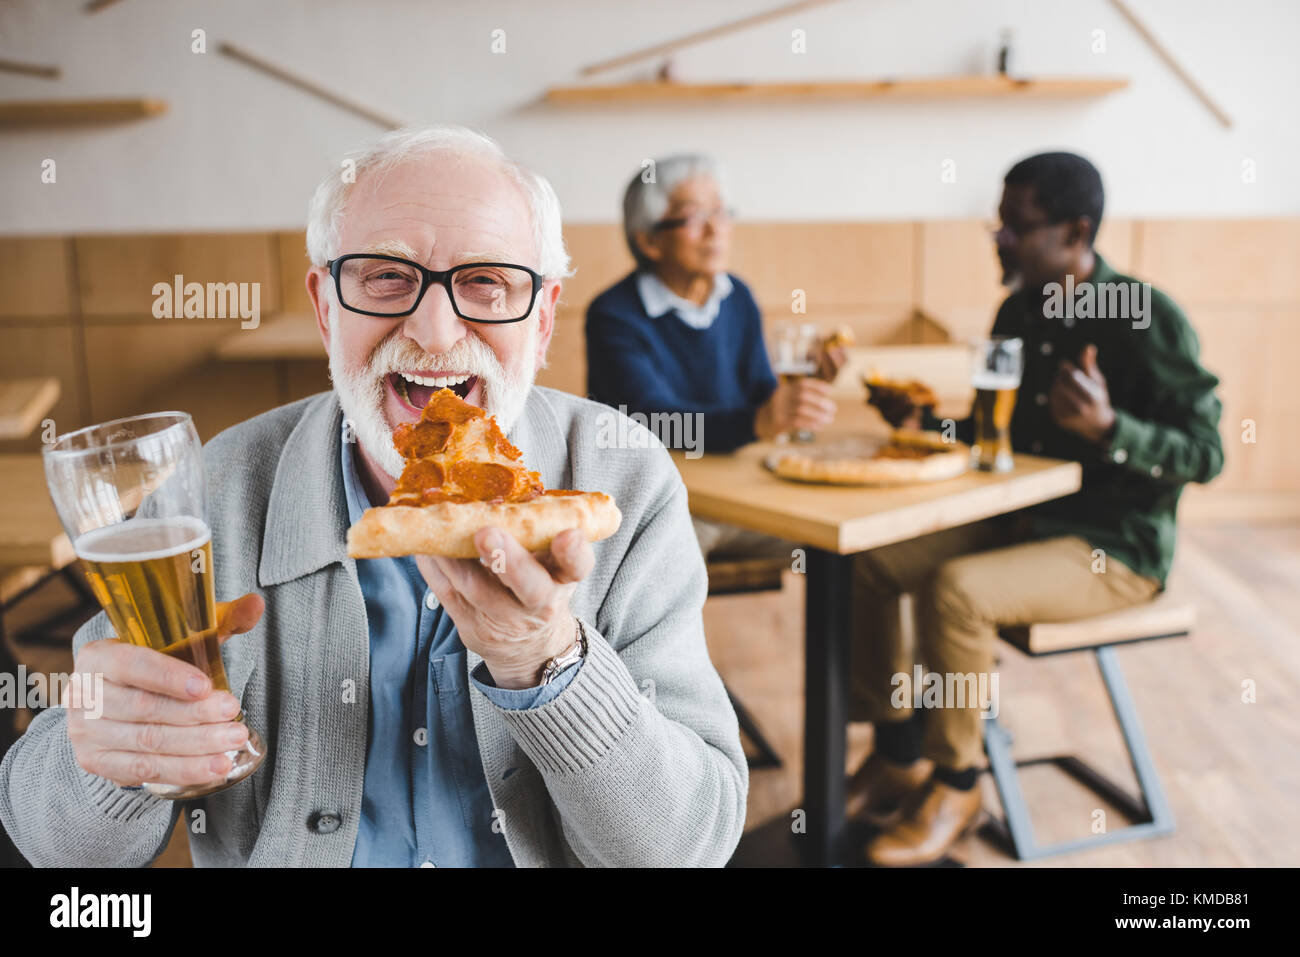 manger des pizzas Banque D'Images